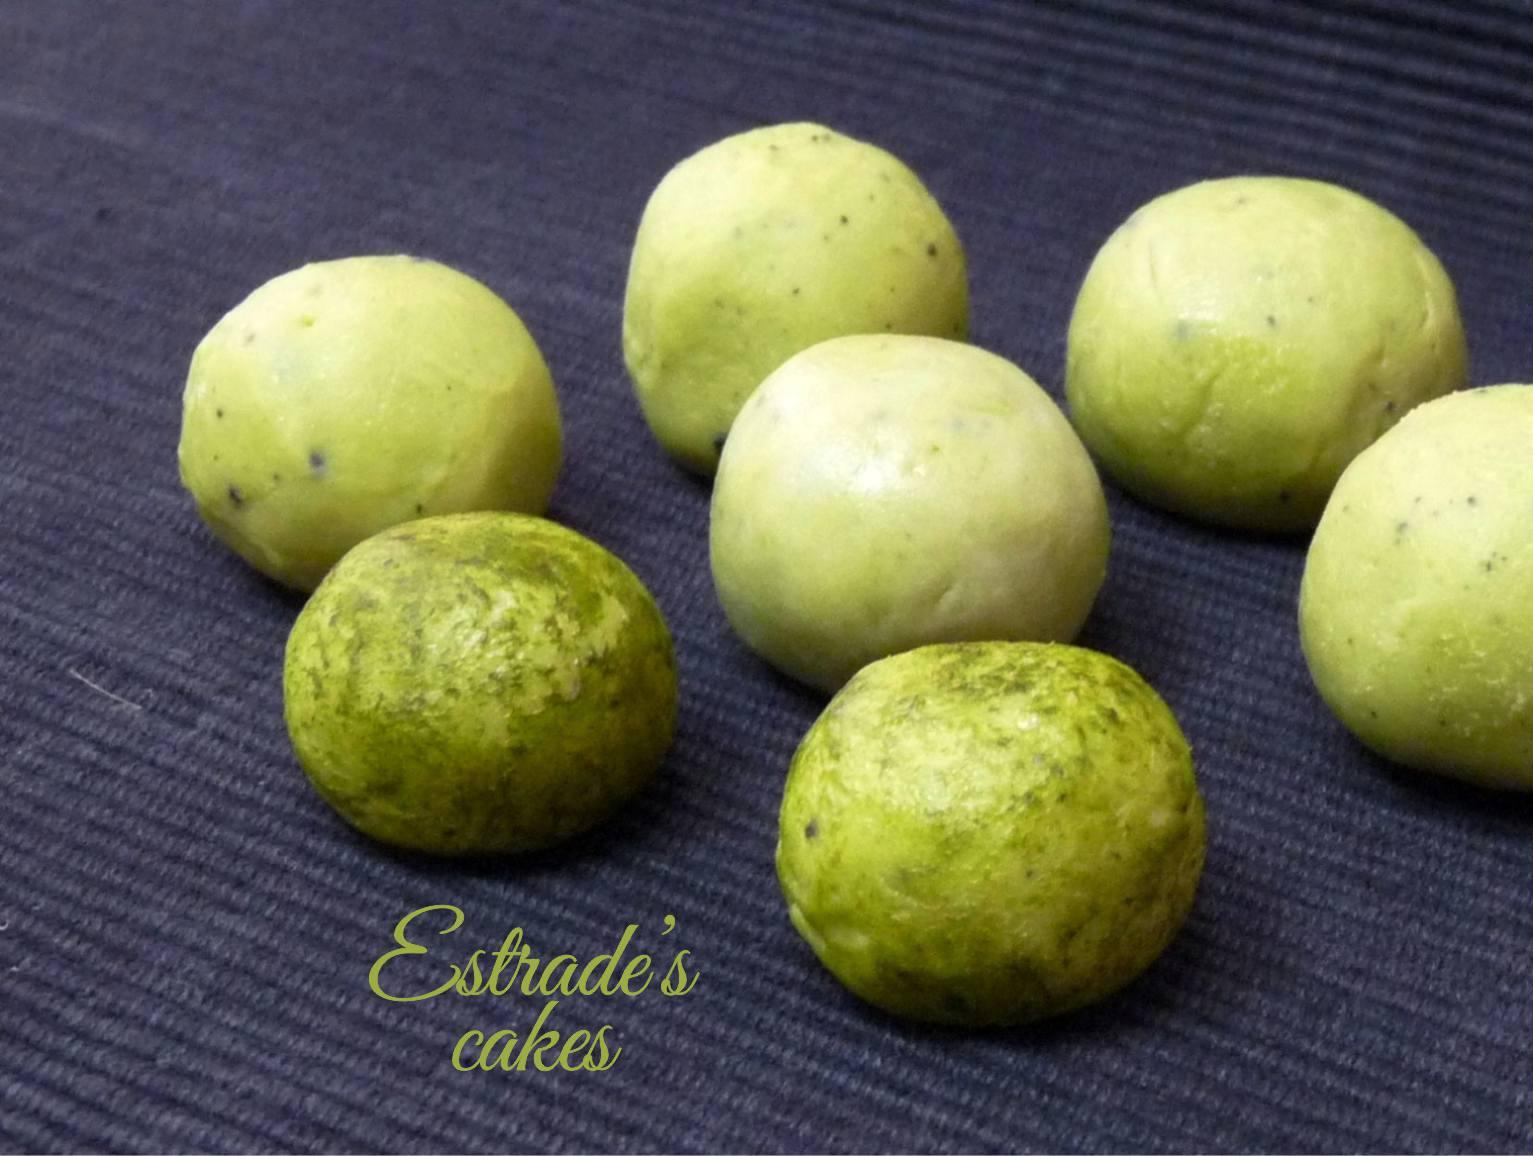 receta de matcha giri-choco blanco - 3